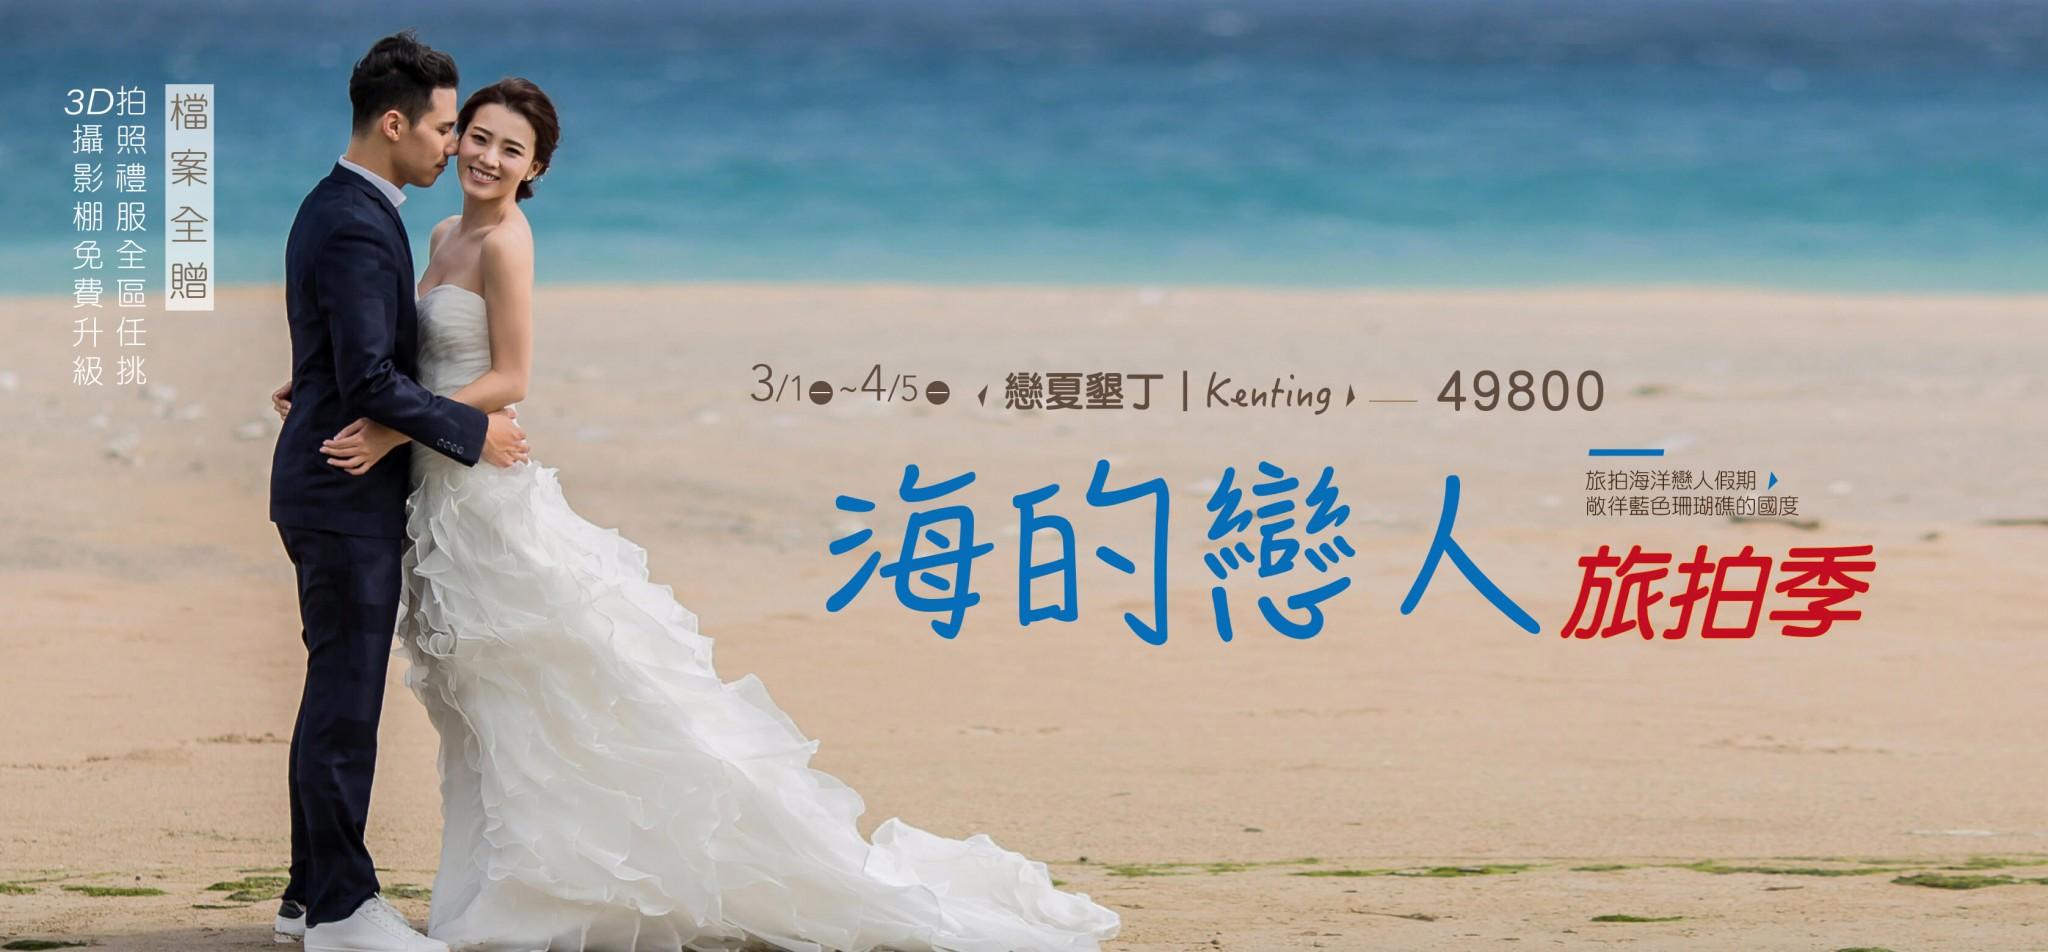 海洋戀人-3